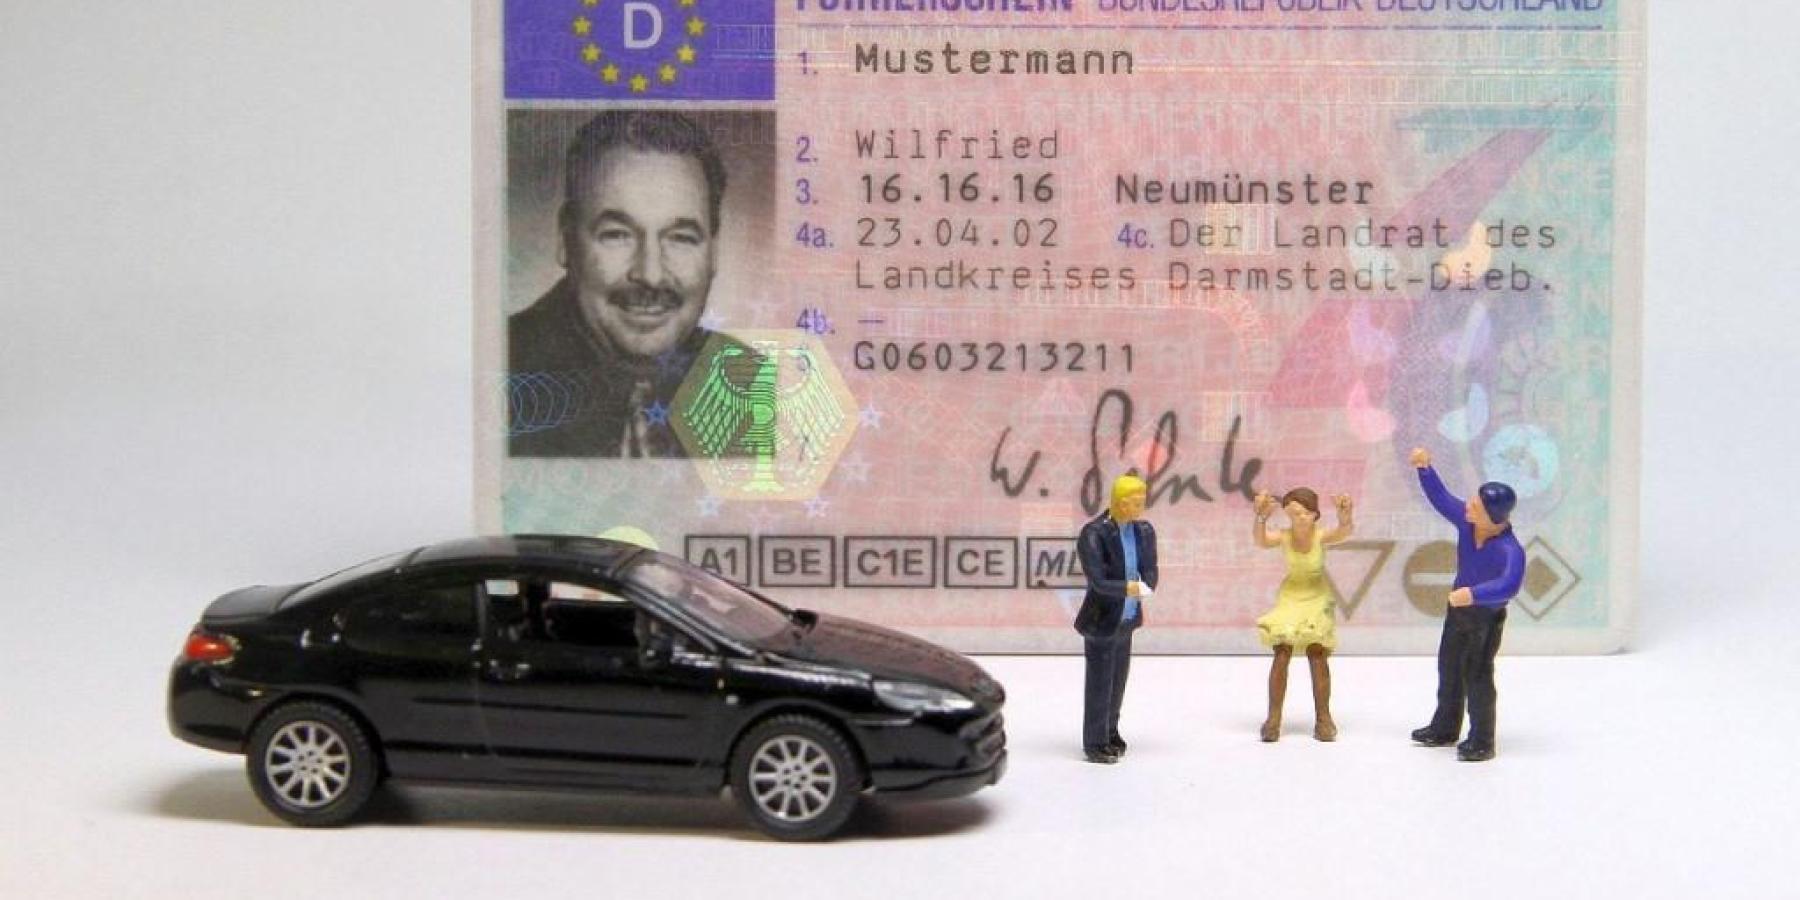 Autofahrer mit gefälschtem Führerschein gestoppt